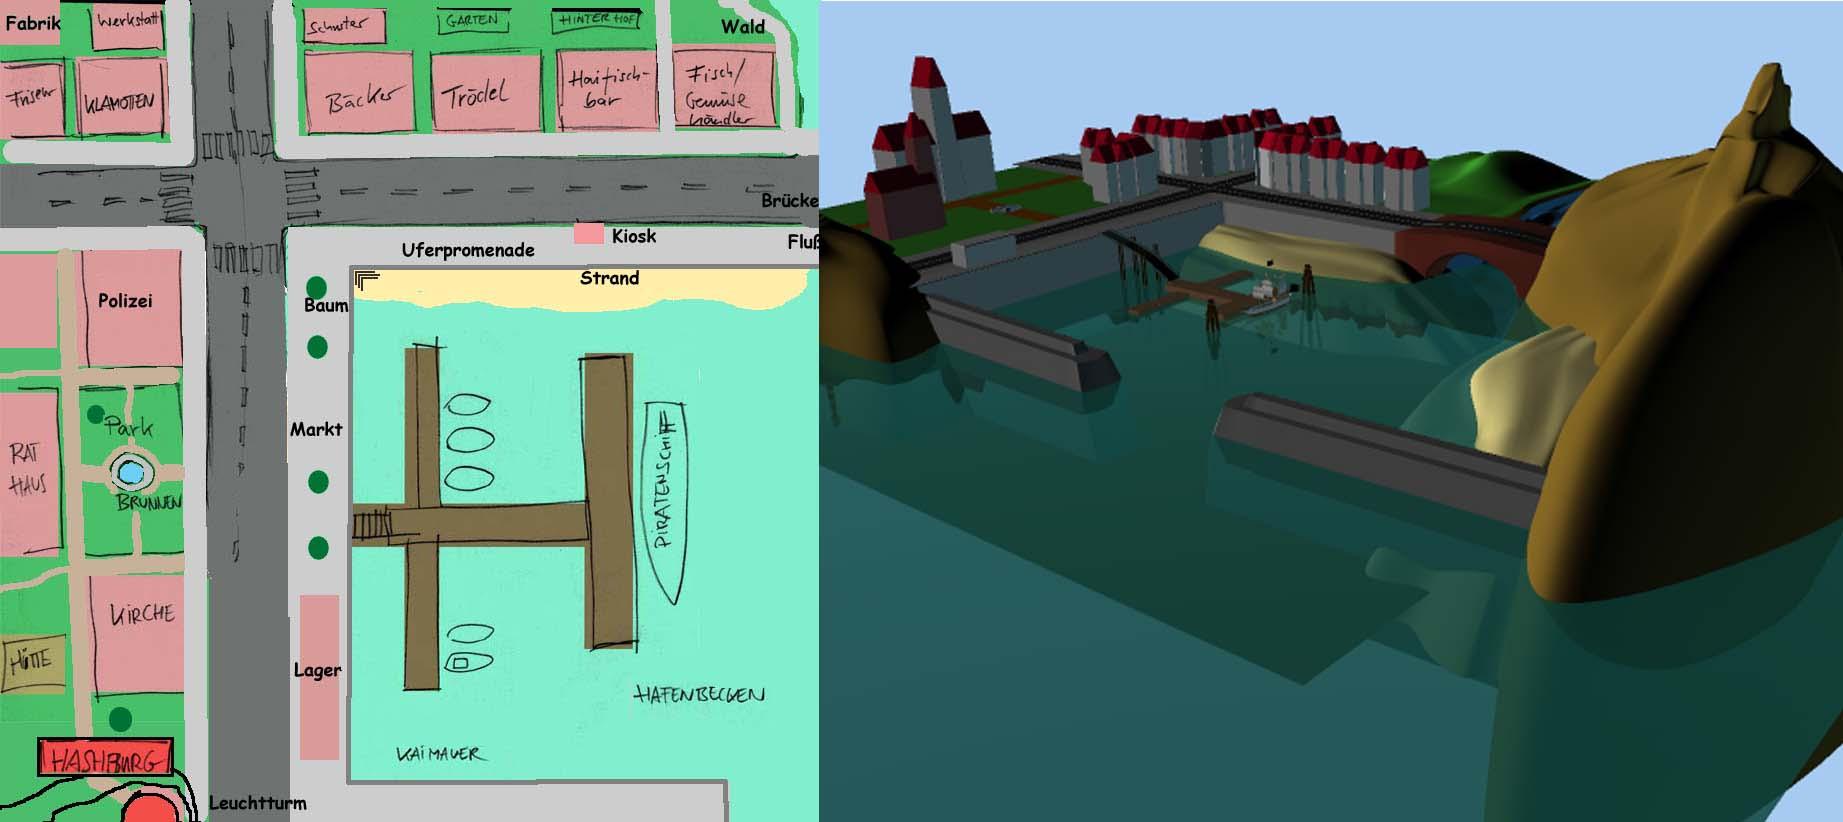 Hashburg_MapRendered.jpg